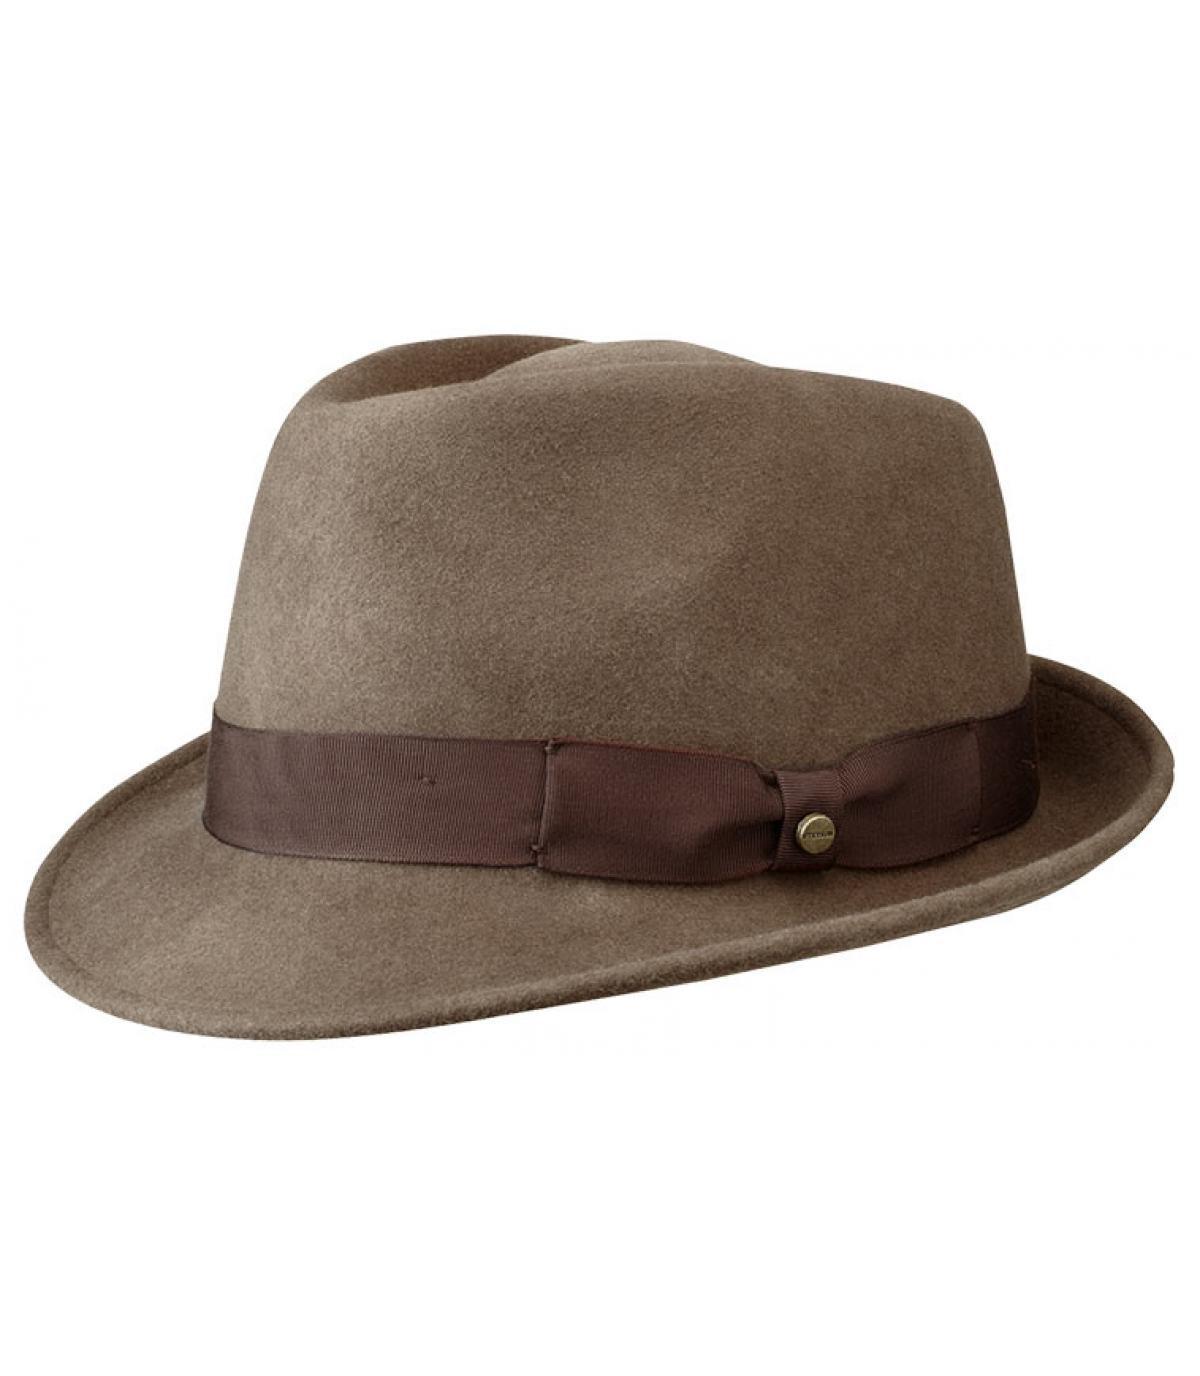 Sombrero hombre Stetson marrón